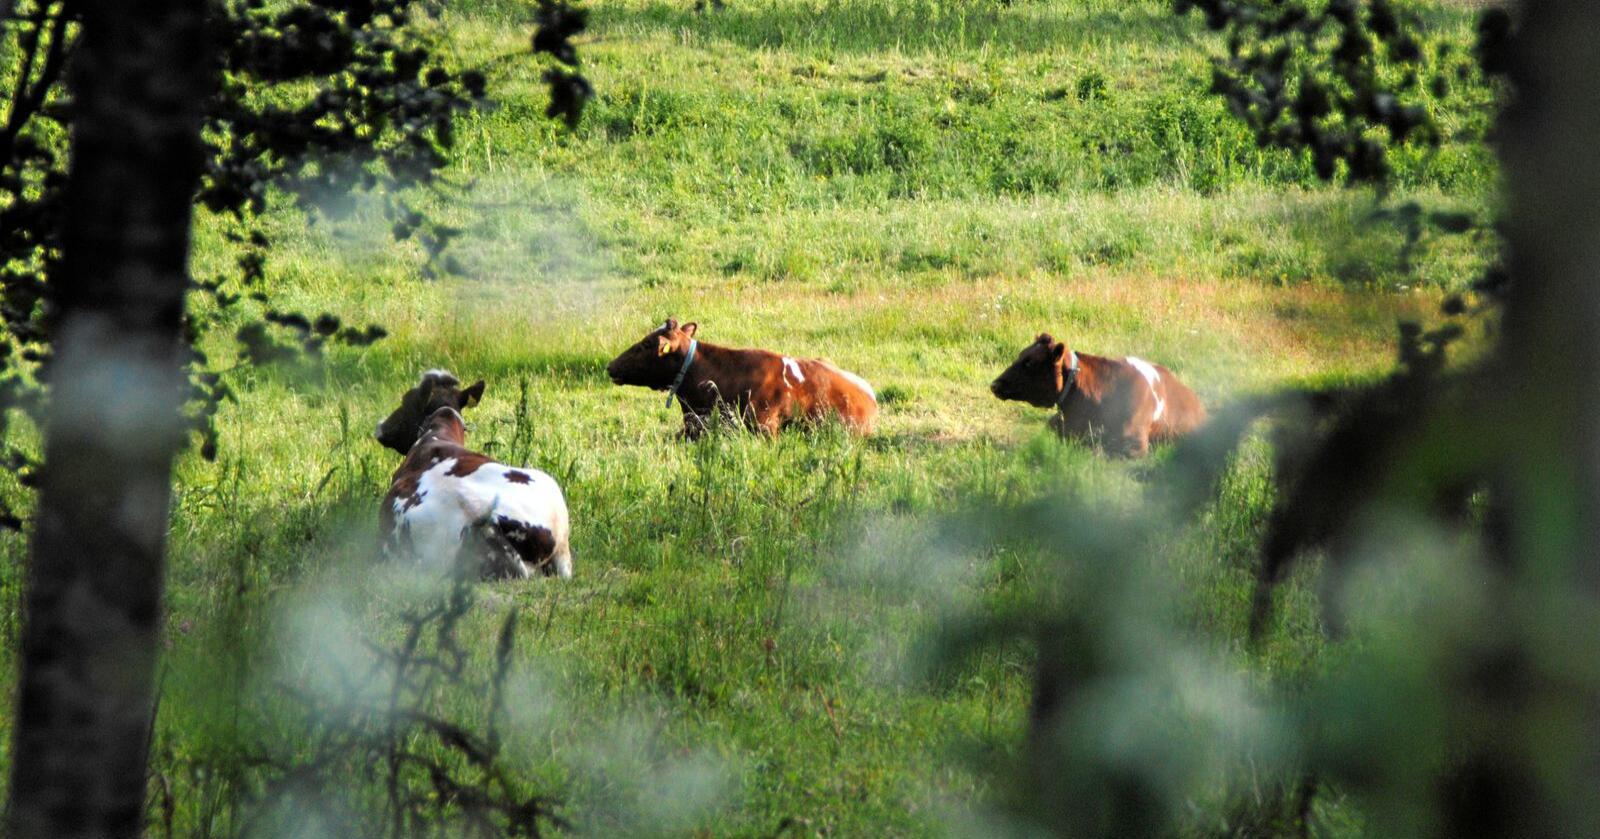 To kyr ble skutt i Blekinge i Sverige i fjor av en jeger som jaktet villsvin. Illustrasjonsfoto: Lars Bilit Hagen